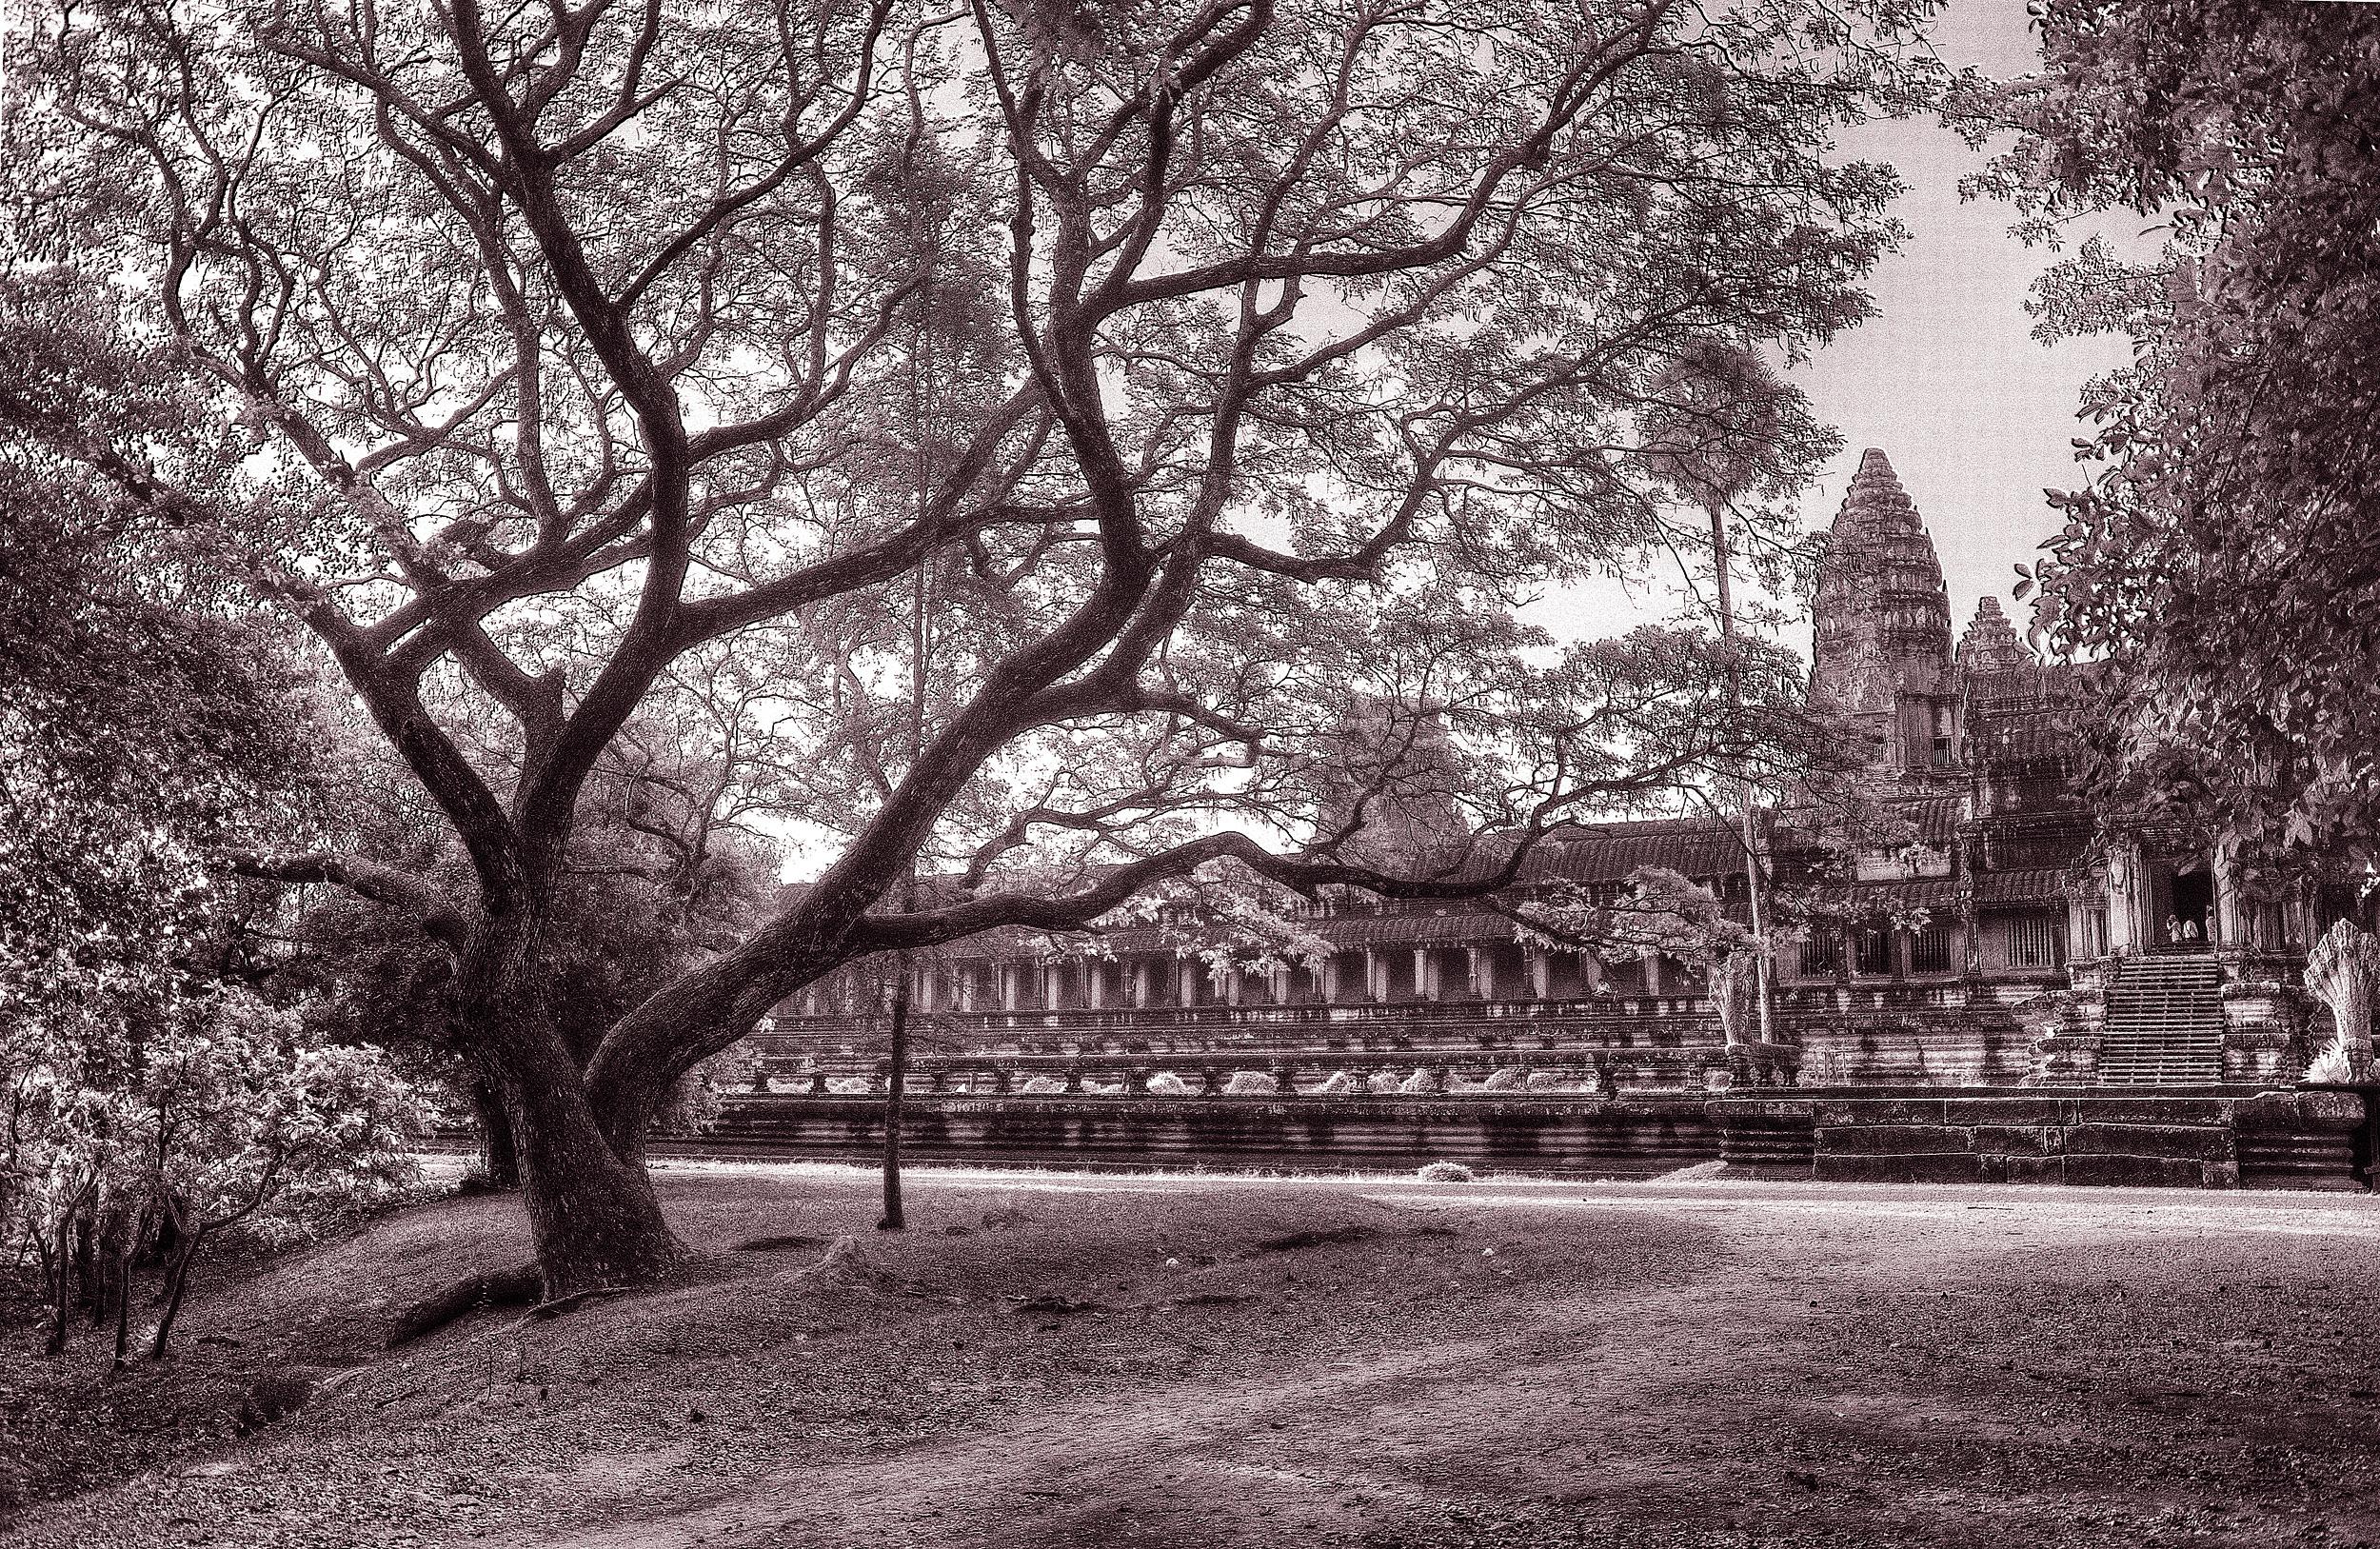 Old Bonsai-style tree at Angkor Wat